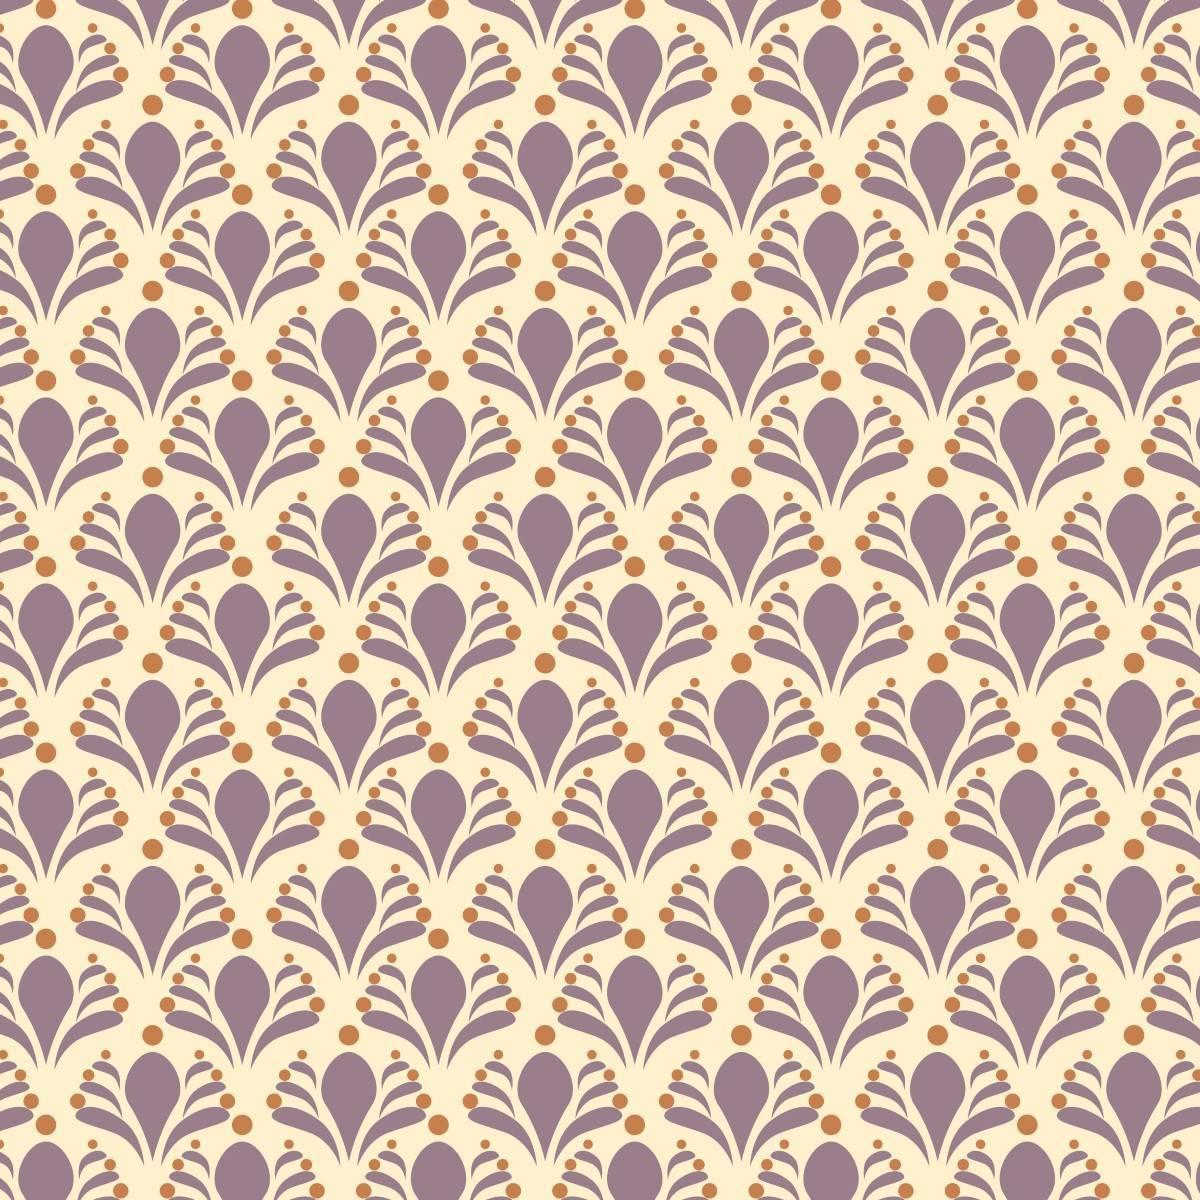 Papel de Parede Lilas Floral | Adesivo Vinilico imagem 2